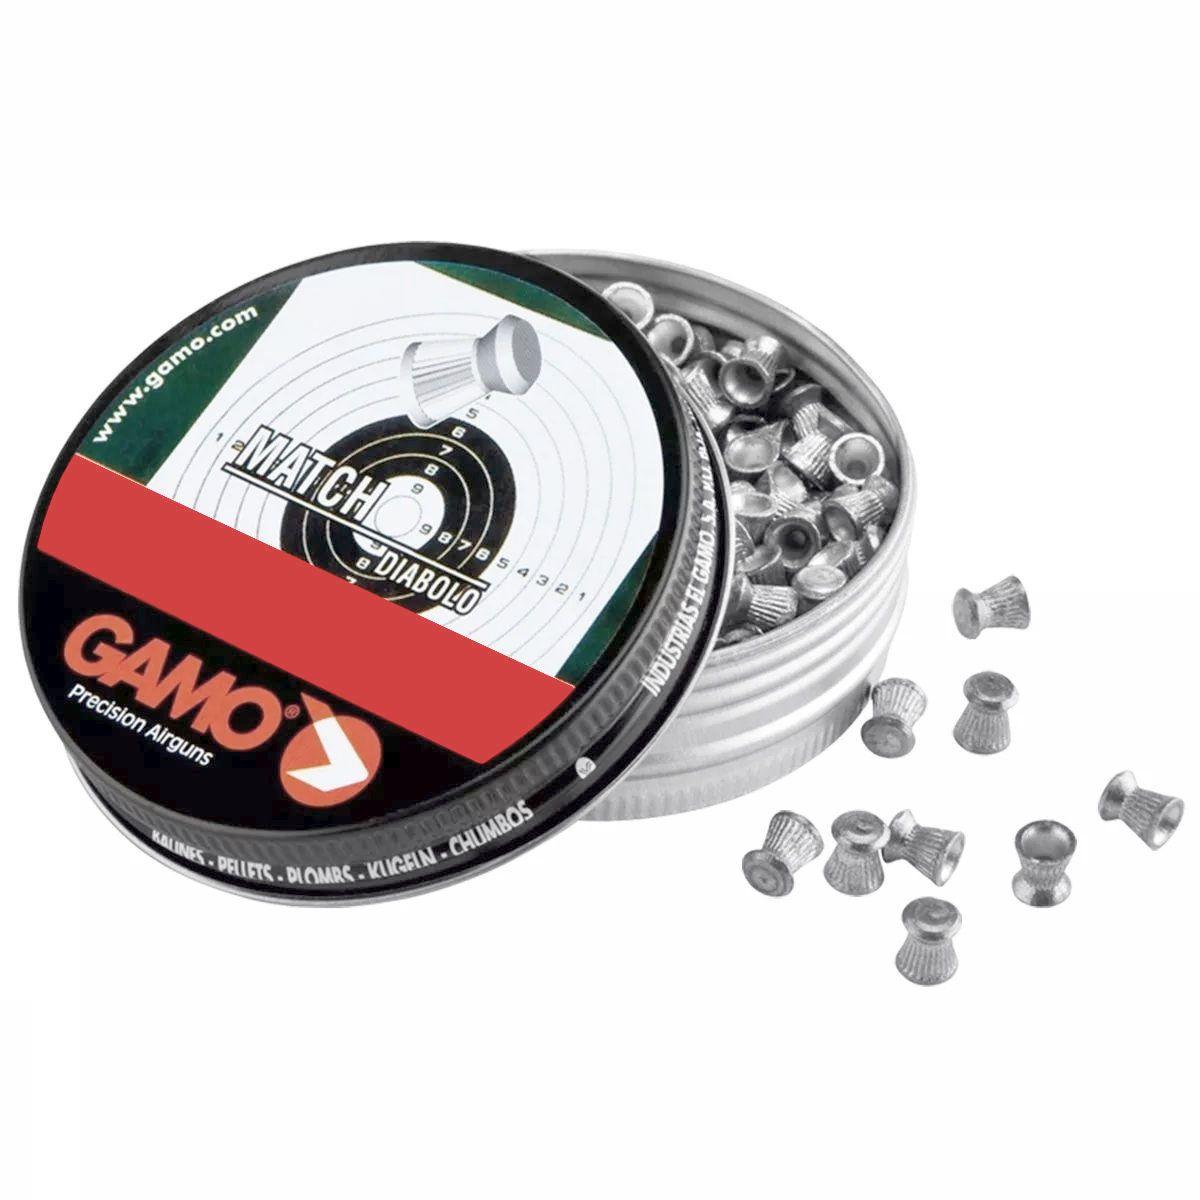 Chumbinho Gamo Match Diabolo Cal. 4,5mm - 250 unidades